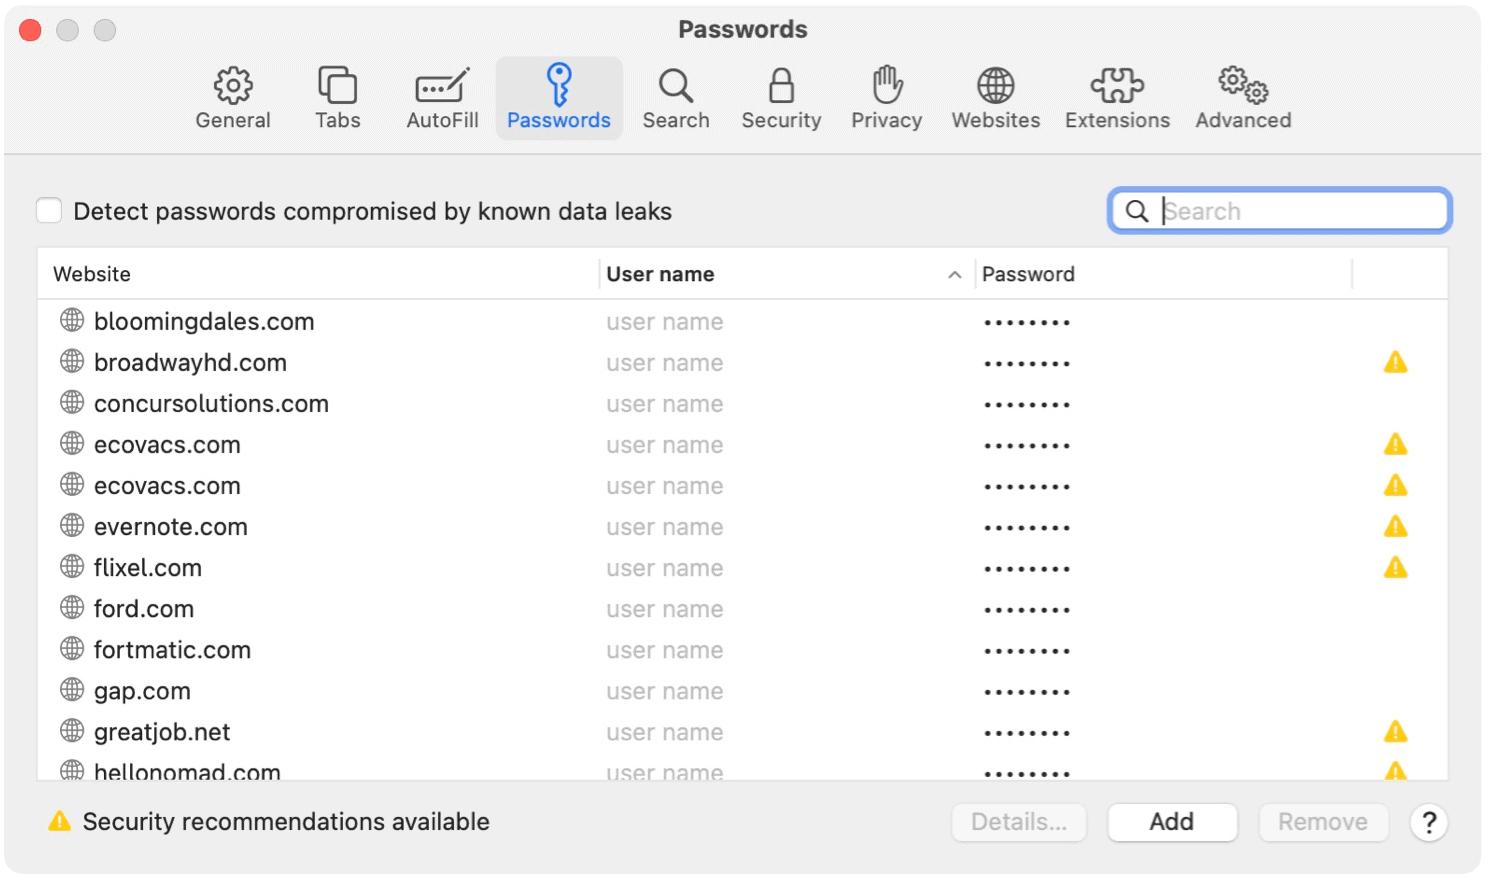 Safari for Mac Password examples